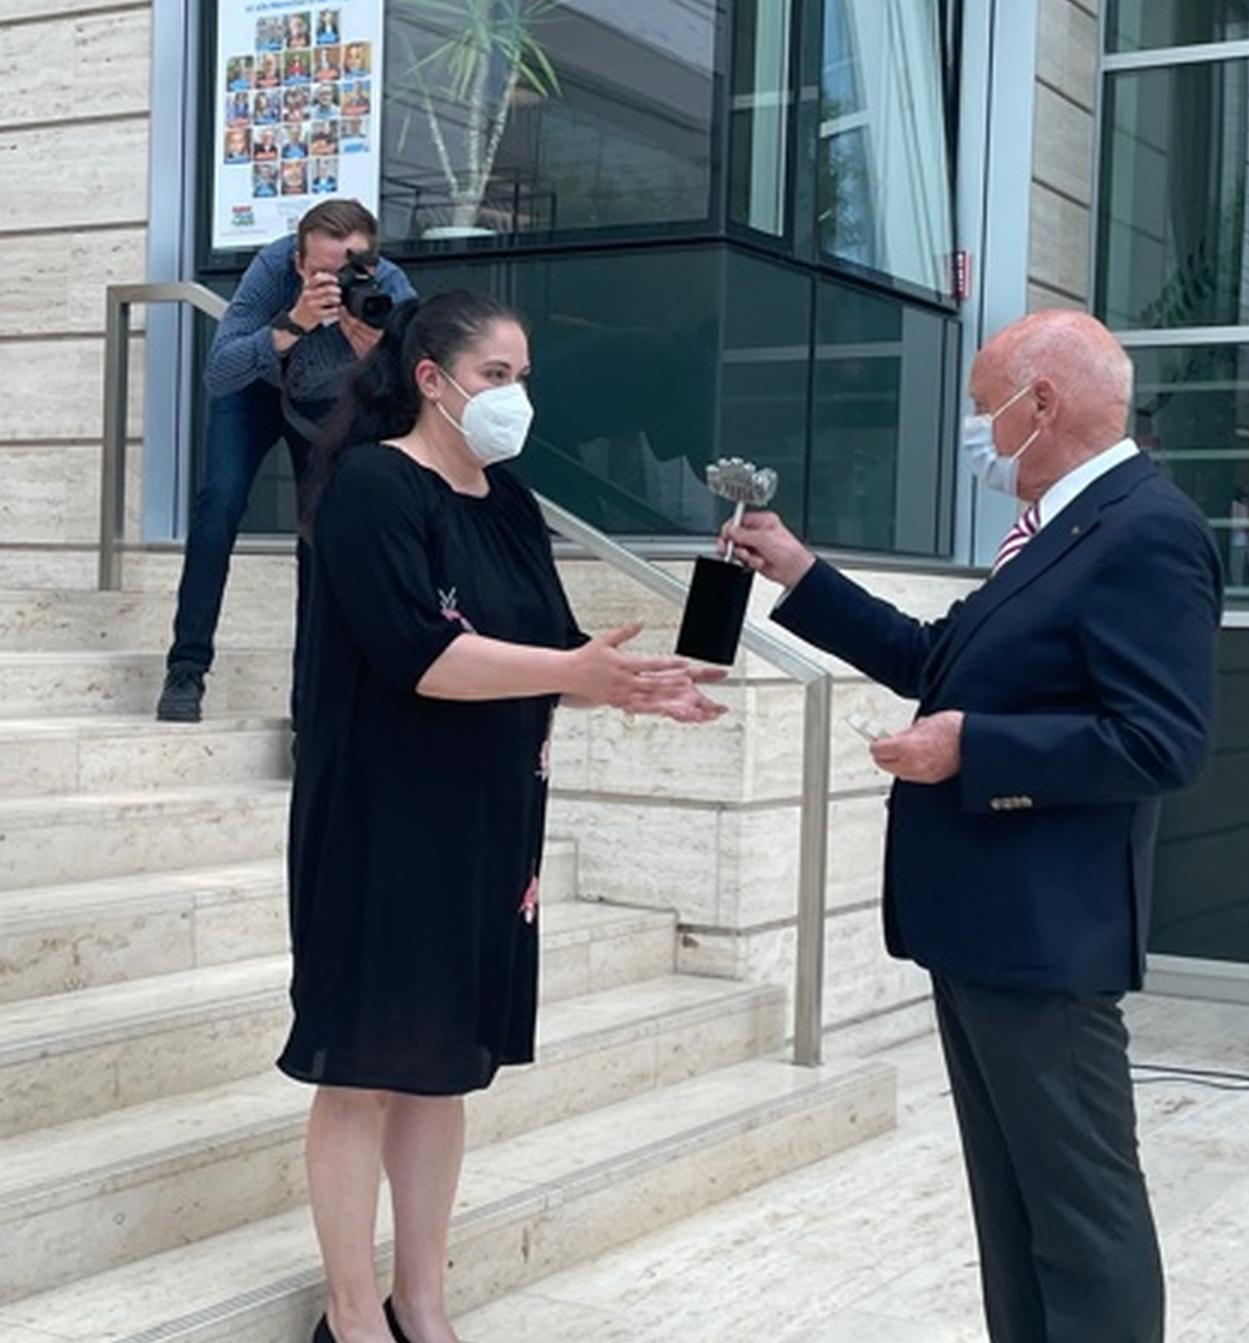 Foto: Architekt und Designer Dieter Sieger überreicht den Pflegepreis an eine Mitarbeiterin der Diakonie Münster